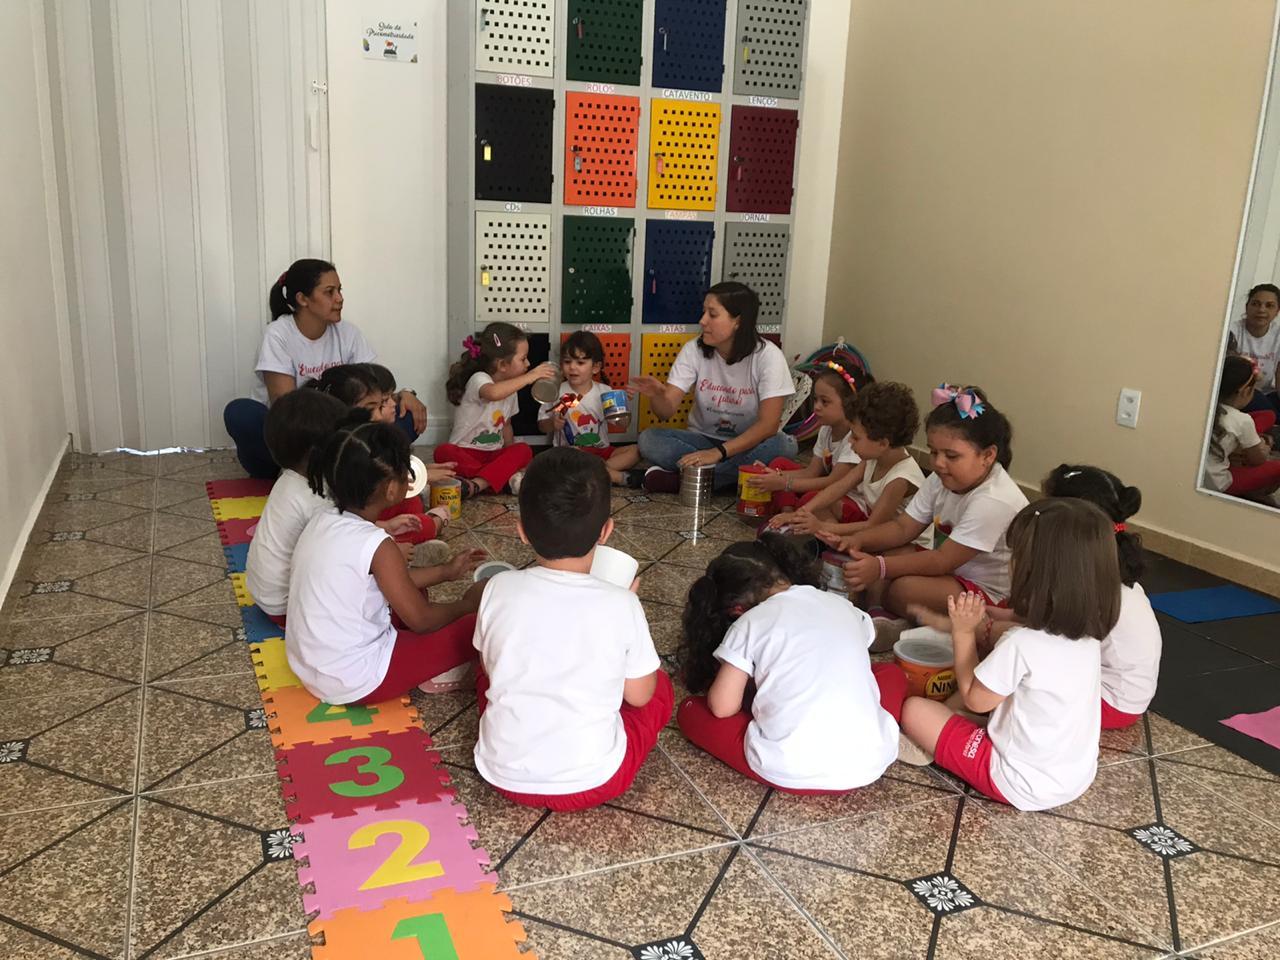 """🧩Na sala de psicomotricidade, as crianças do Infantil 1 inauguraram nosso """"Armário dos Tesouros"""". Elas criaram e construíram diversas brincadeiras com o material estruturado enviado pelas famílias.🧩"""